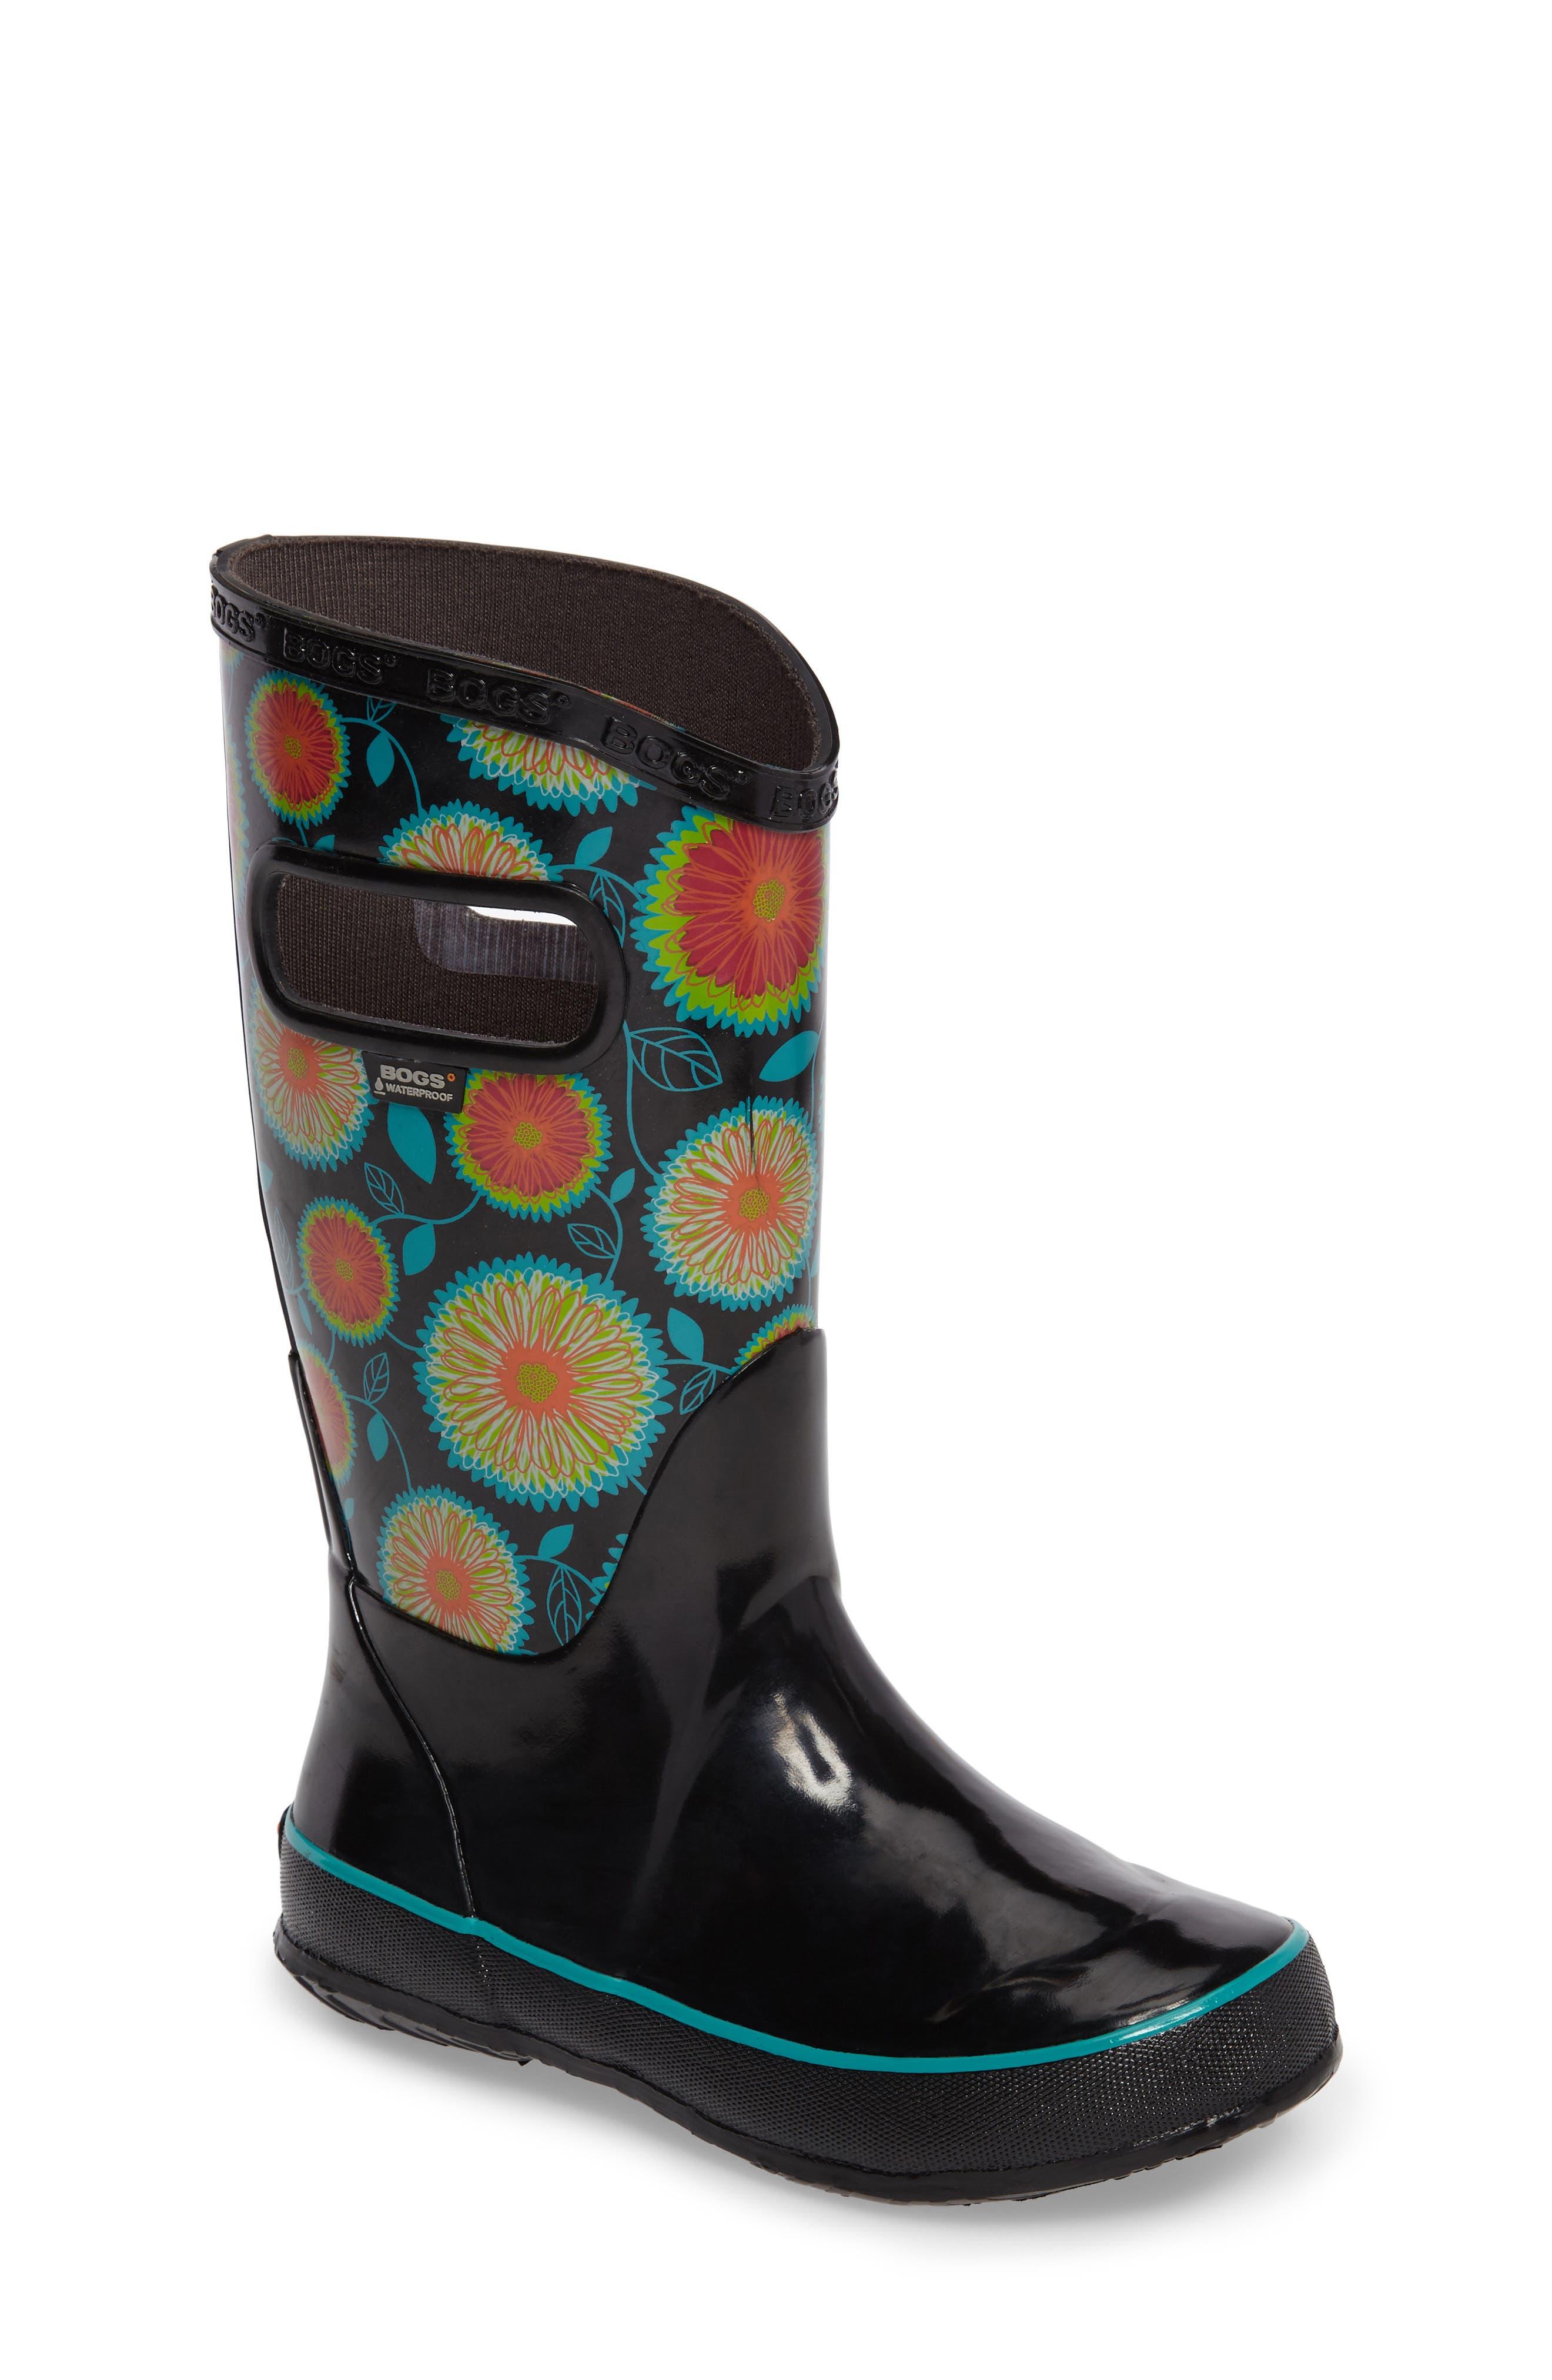 BOGS Wildflowers Waterproof Rain Boot